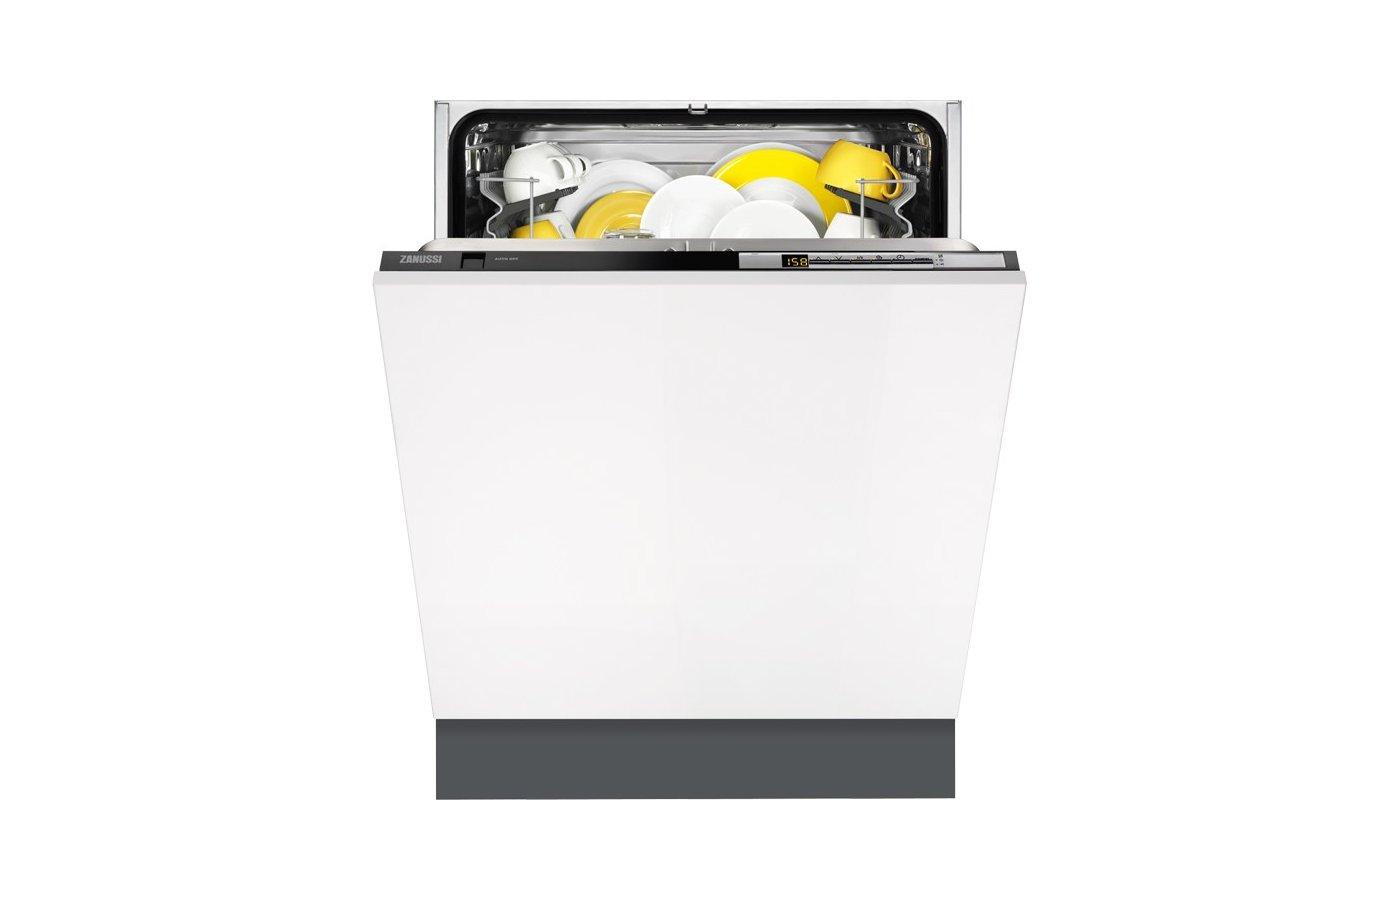 Выбор лучших моделей стиральных машин-автоматов zanussi zwsg7101v, zanussi zwso7100vs, zanussi zwy51004wa